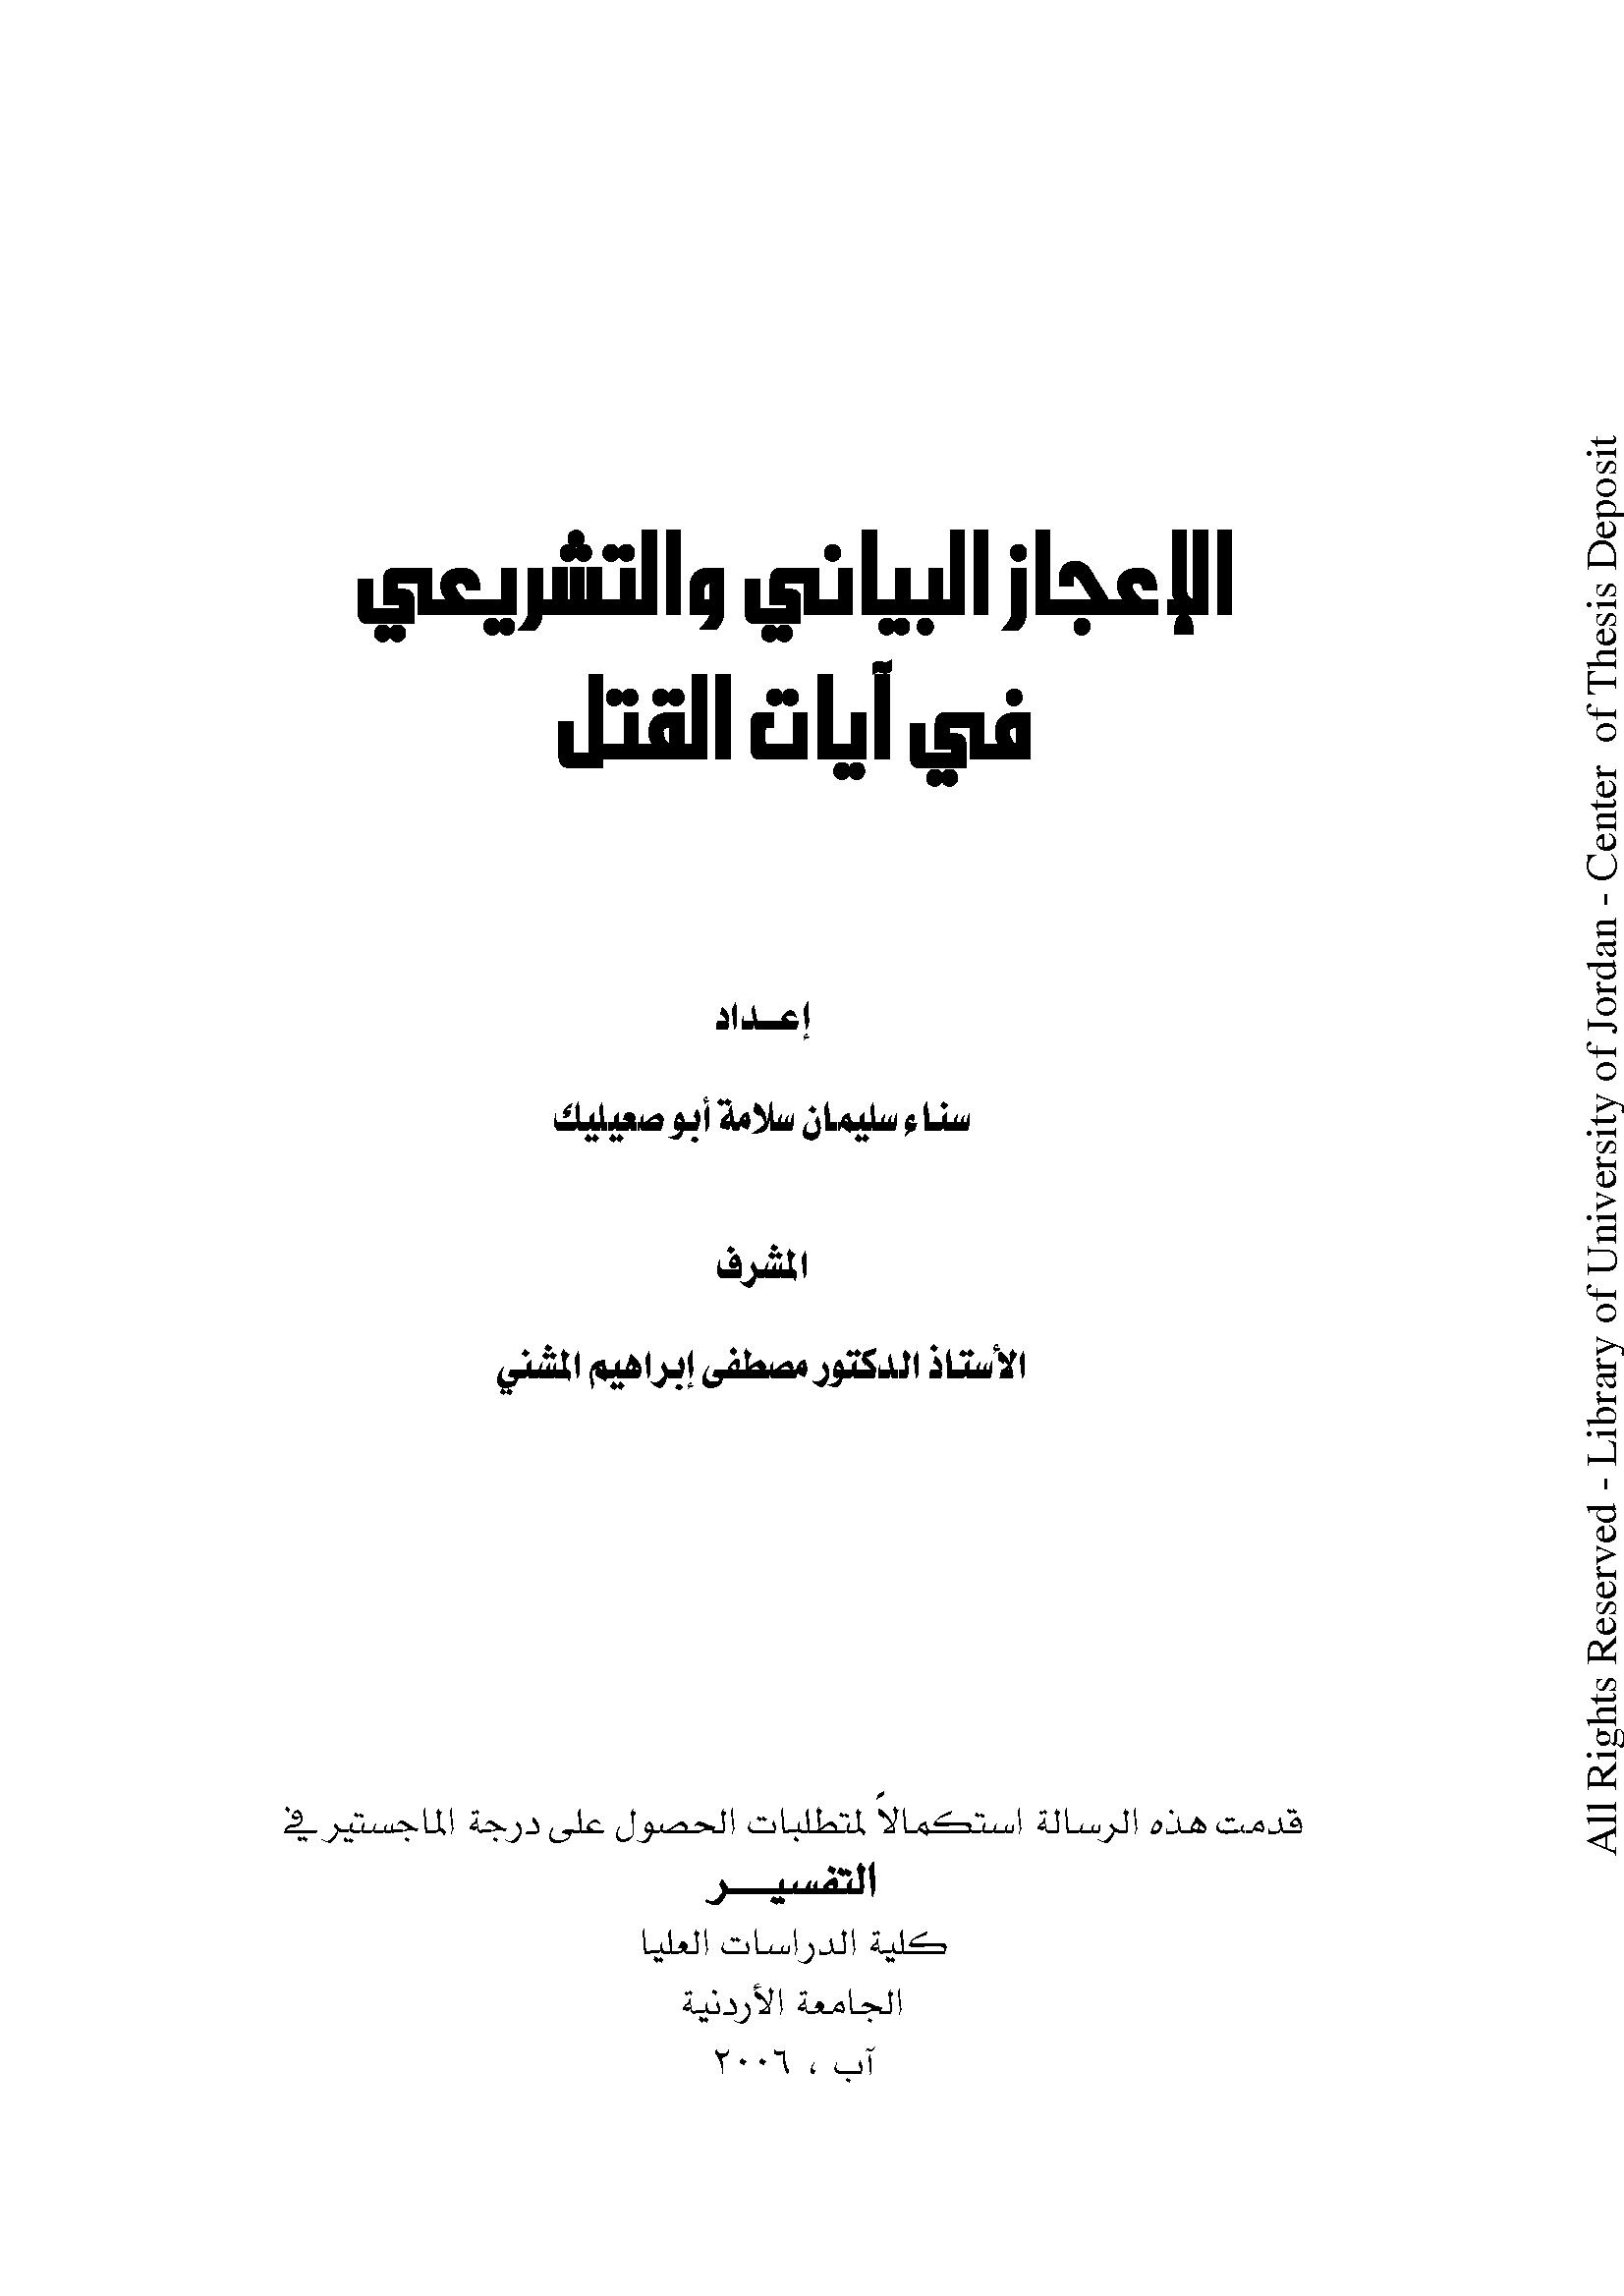 تحميل كتاب الإعجاز البياني والتشريعي في آيات القتل لـِ: سناء سليمان سلامة أبو صعيليك